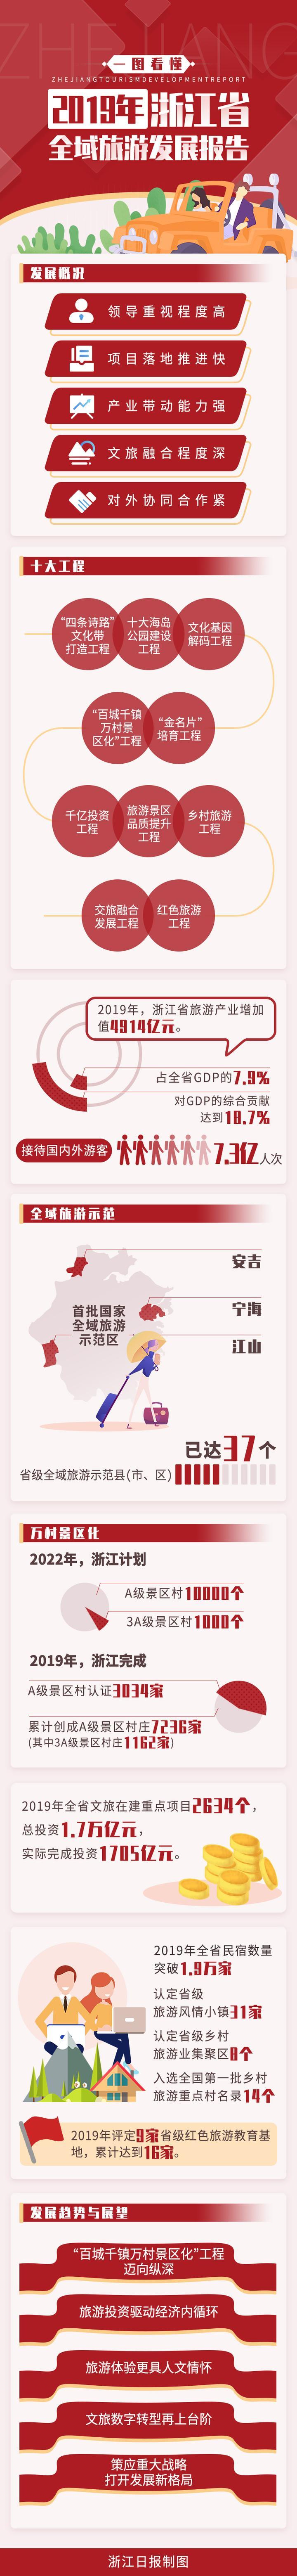 一图看懂2019年浙江省全域旅游发展报告